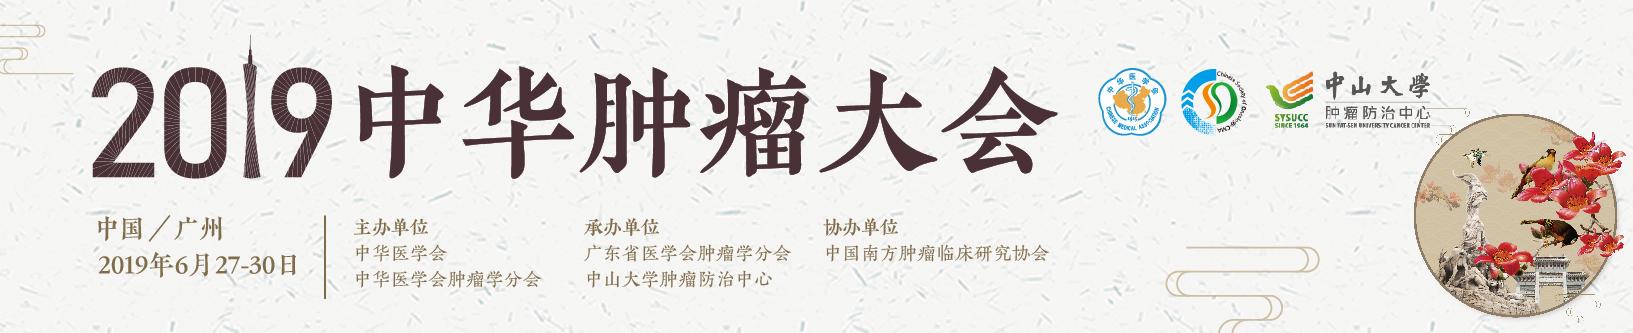 2019年中华肿瘤大会